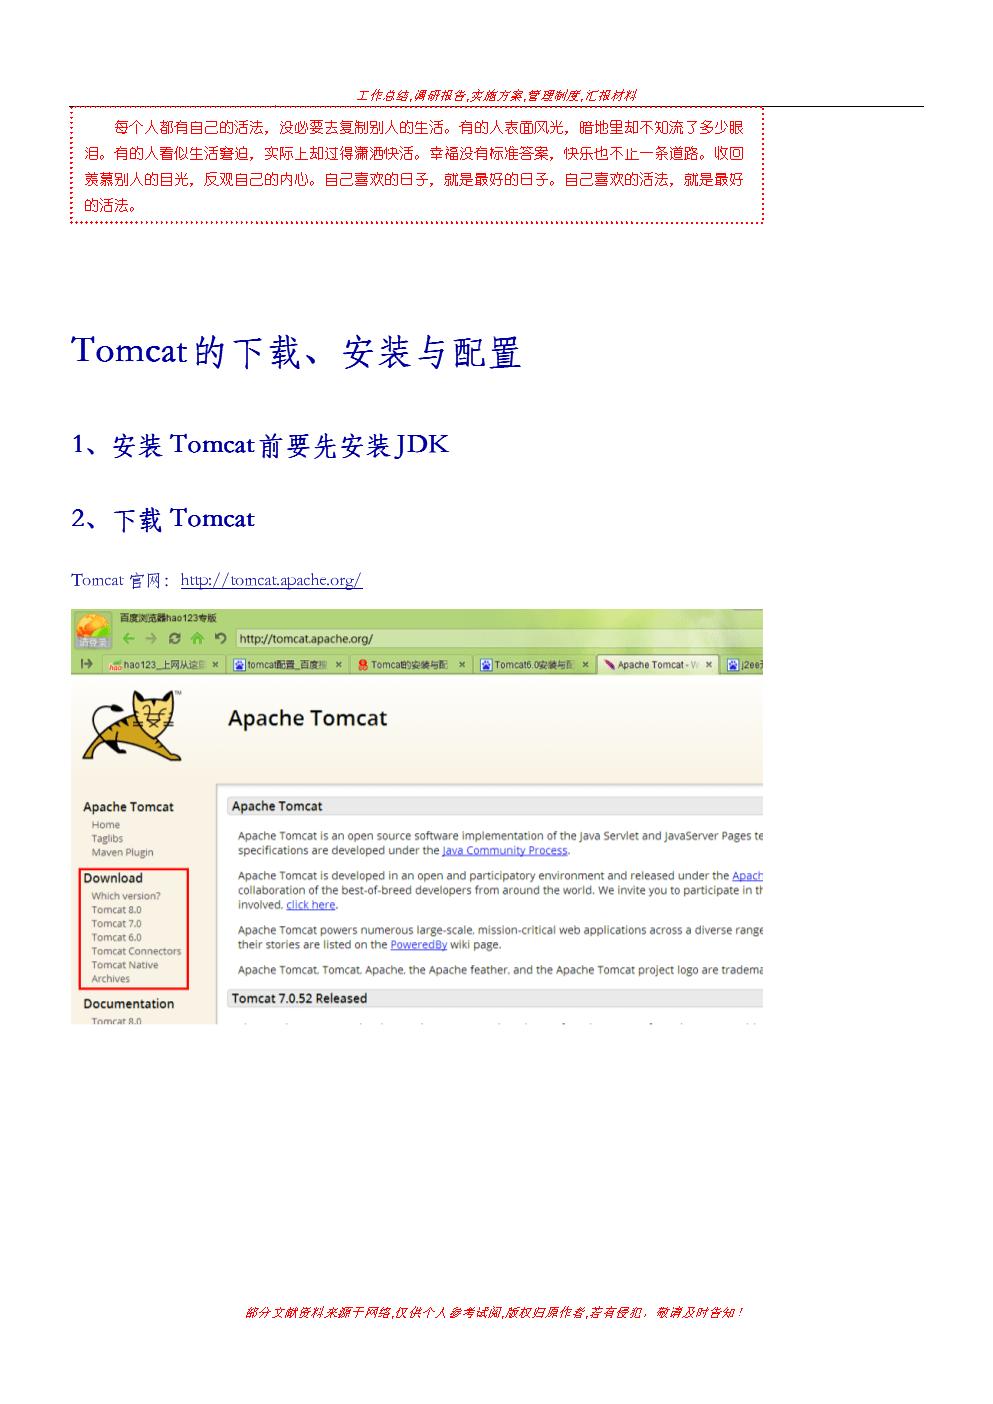 Tomcat的下载、安装与配置.doc